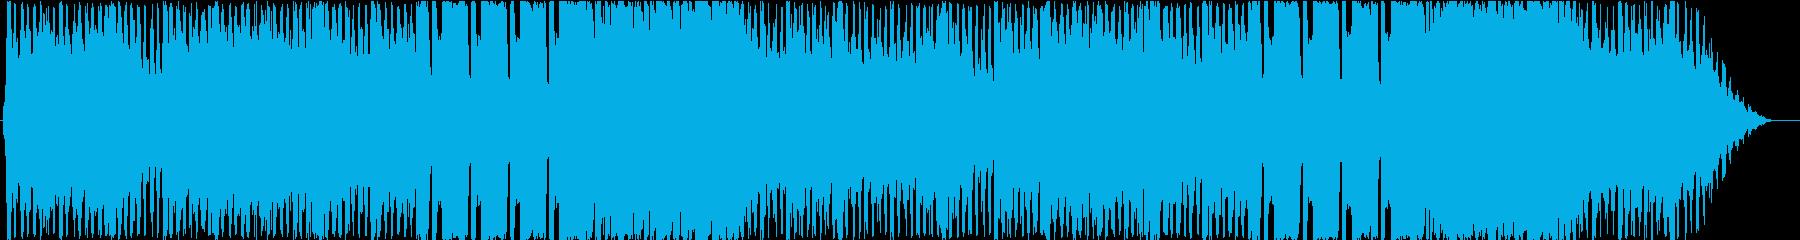 重厚で緊張感があるオーケストラの再生済みの波形